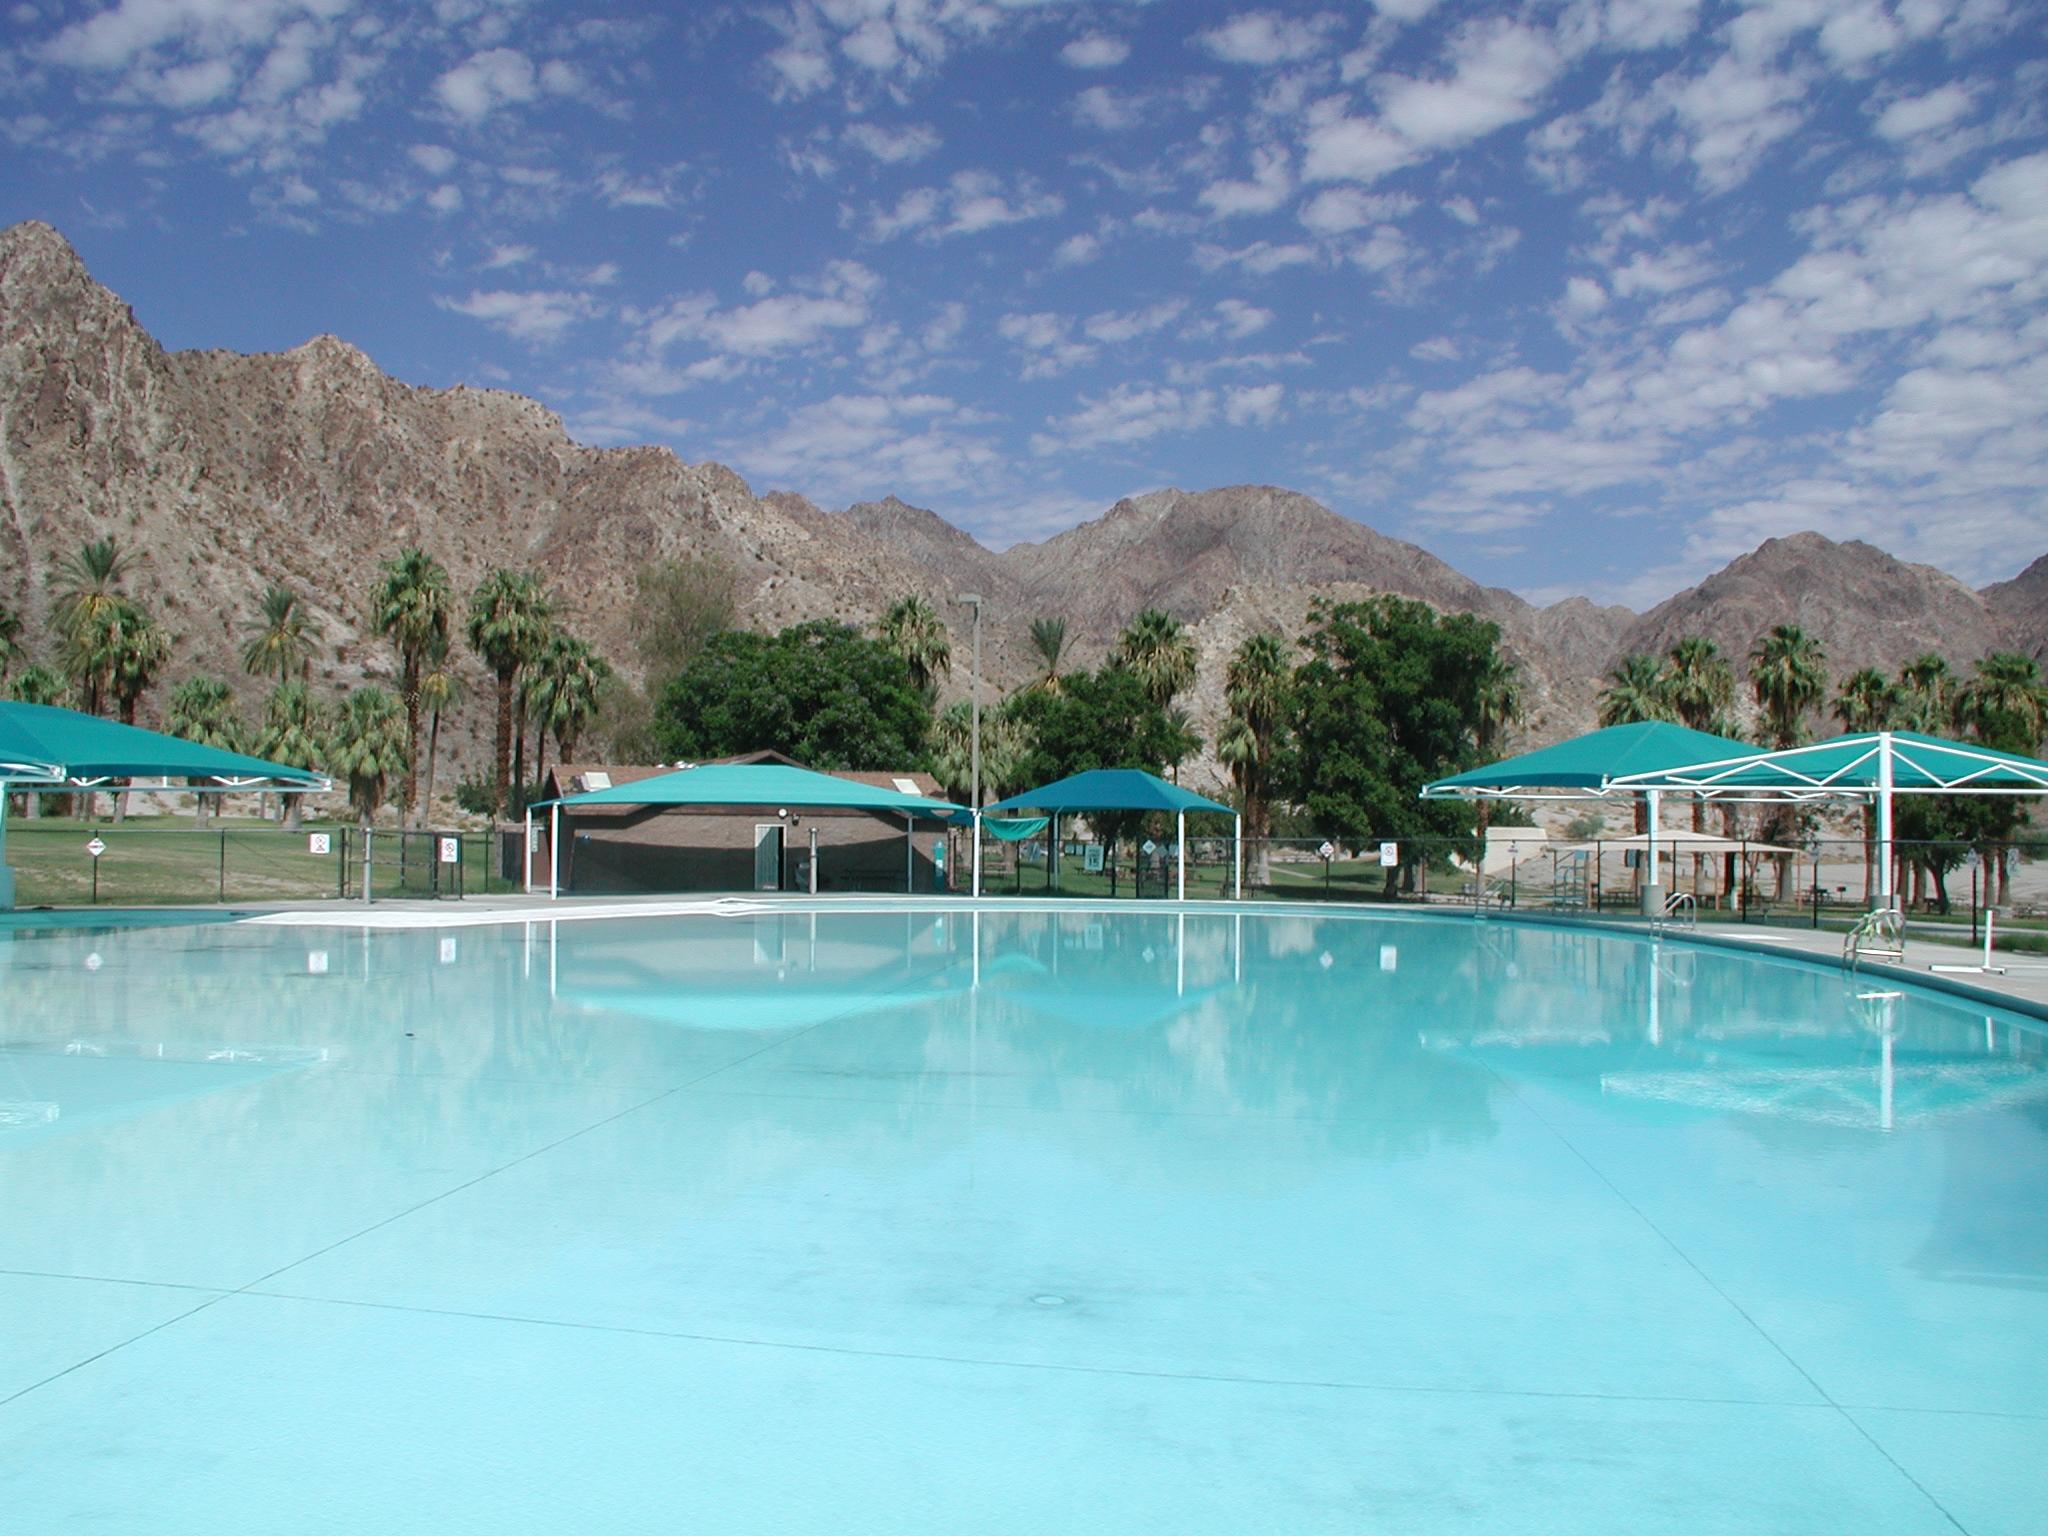 Swimming pool at Cahuilla